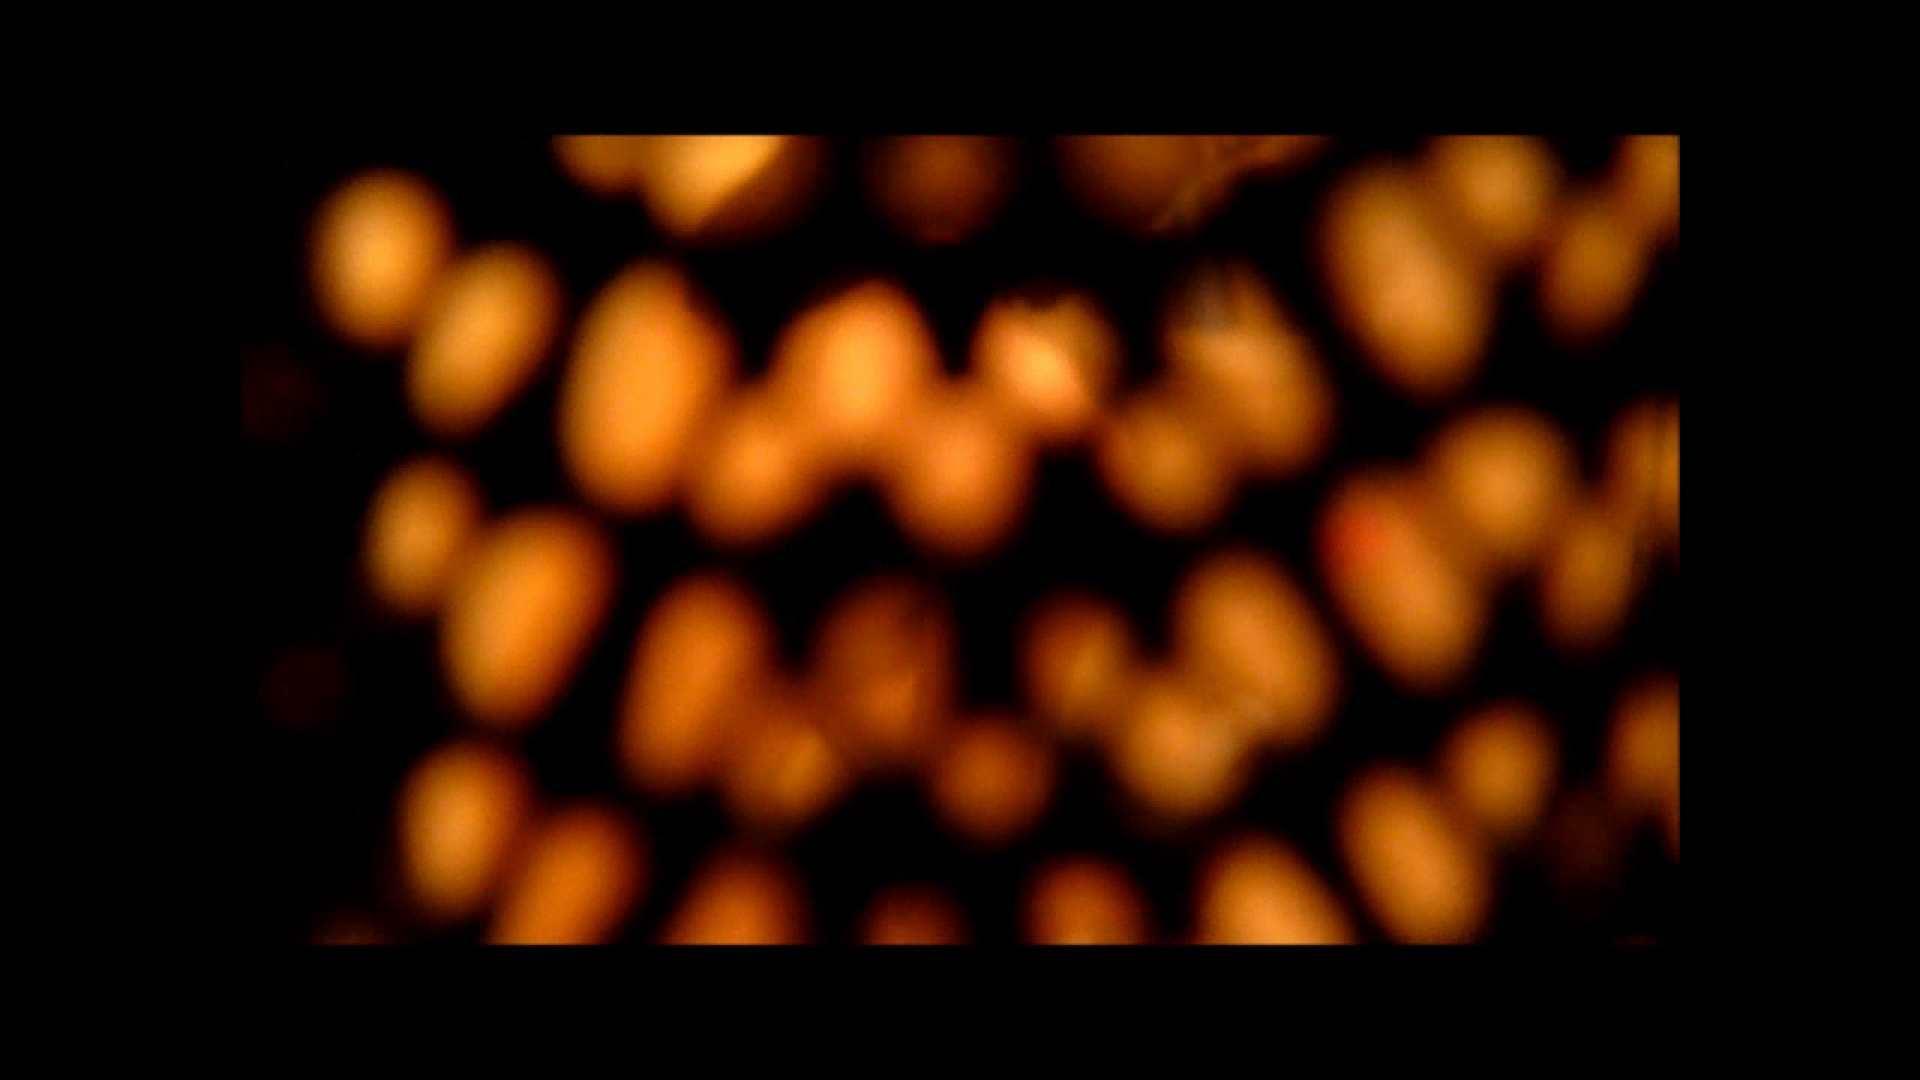 【02】ベランダに侵入して張り込みを始めて・・・やっと結果が出ました。 モロだしオマンコ  79pic 35